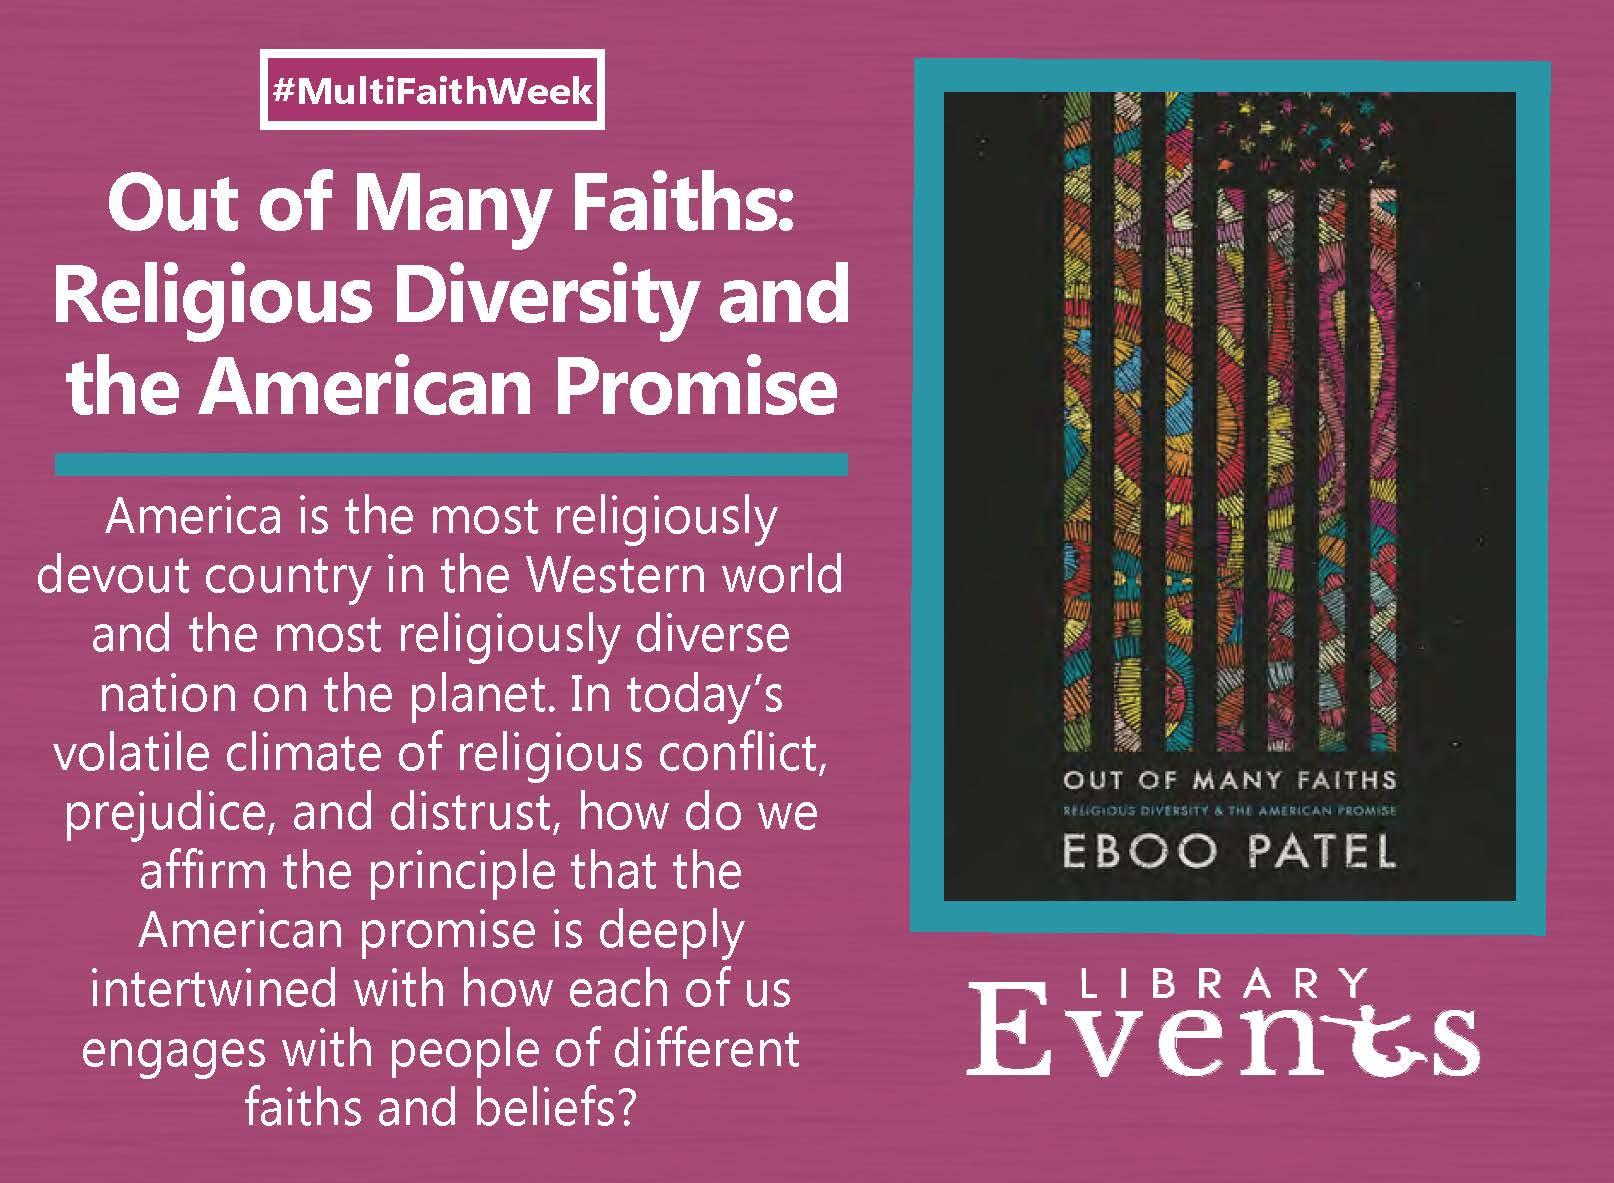 Multi-Faith Week ft. book - Out of Many Faiths